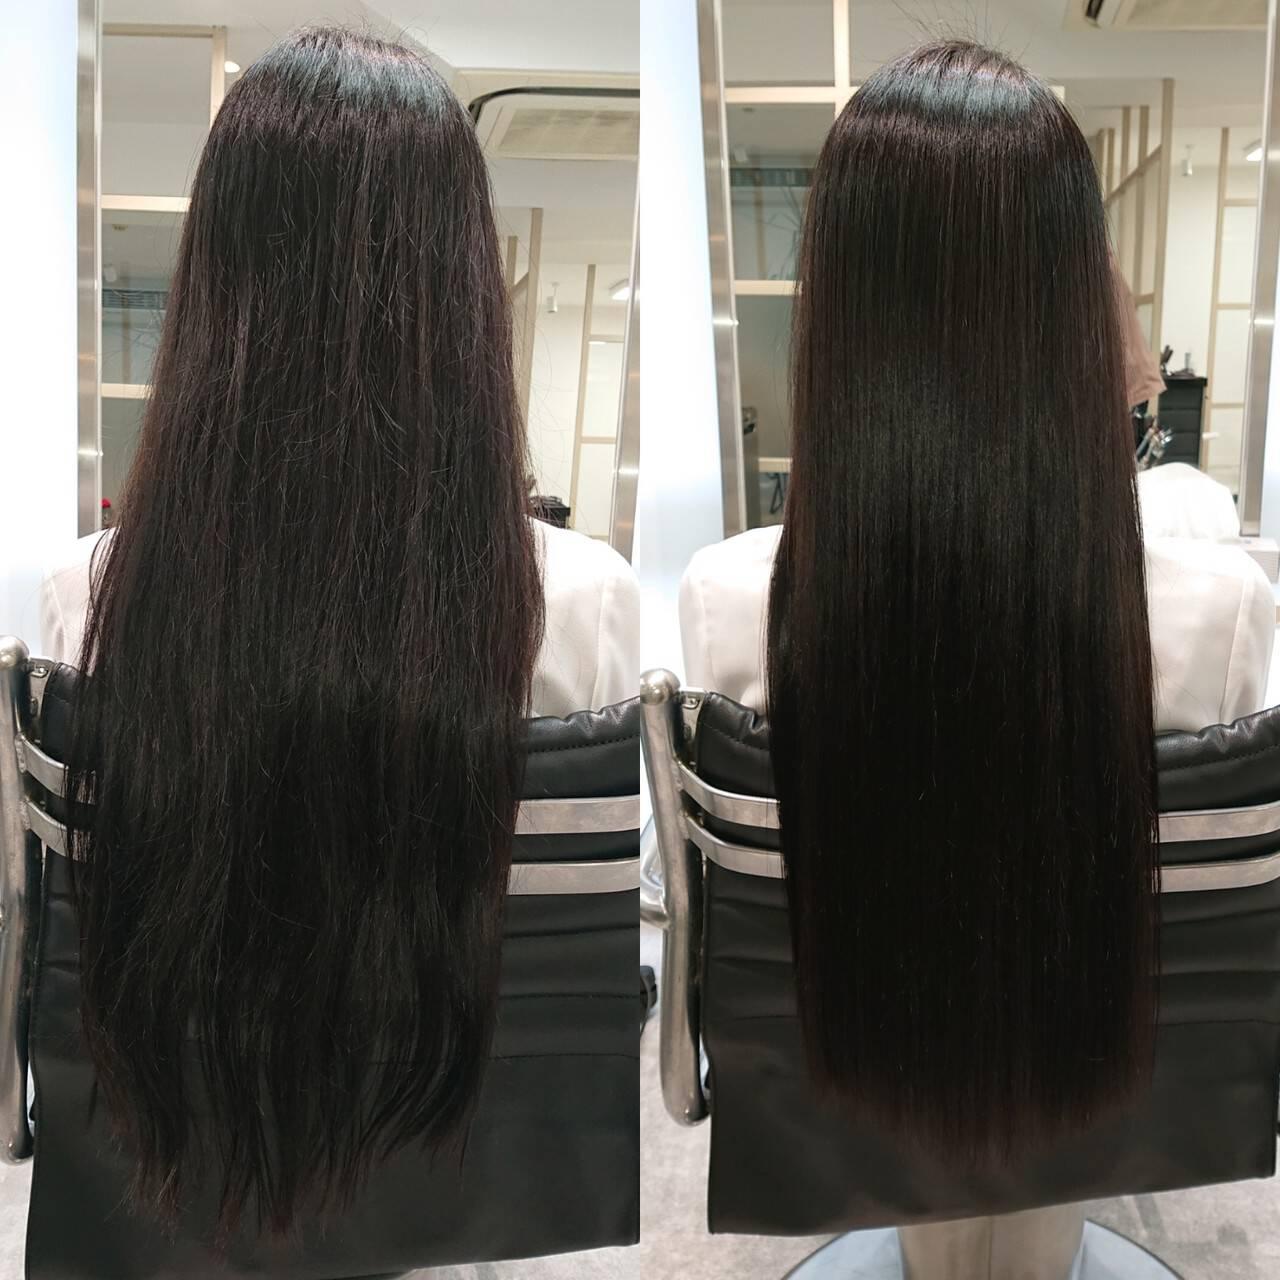 ナチュラル 美髪 艶髪 髪質改善ヘアスタイルや髪型の写真・画像